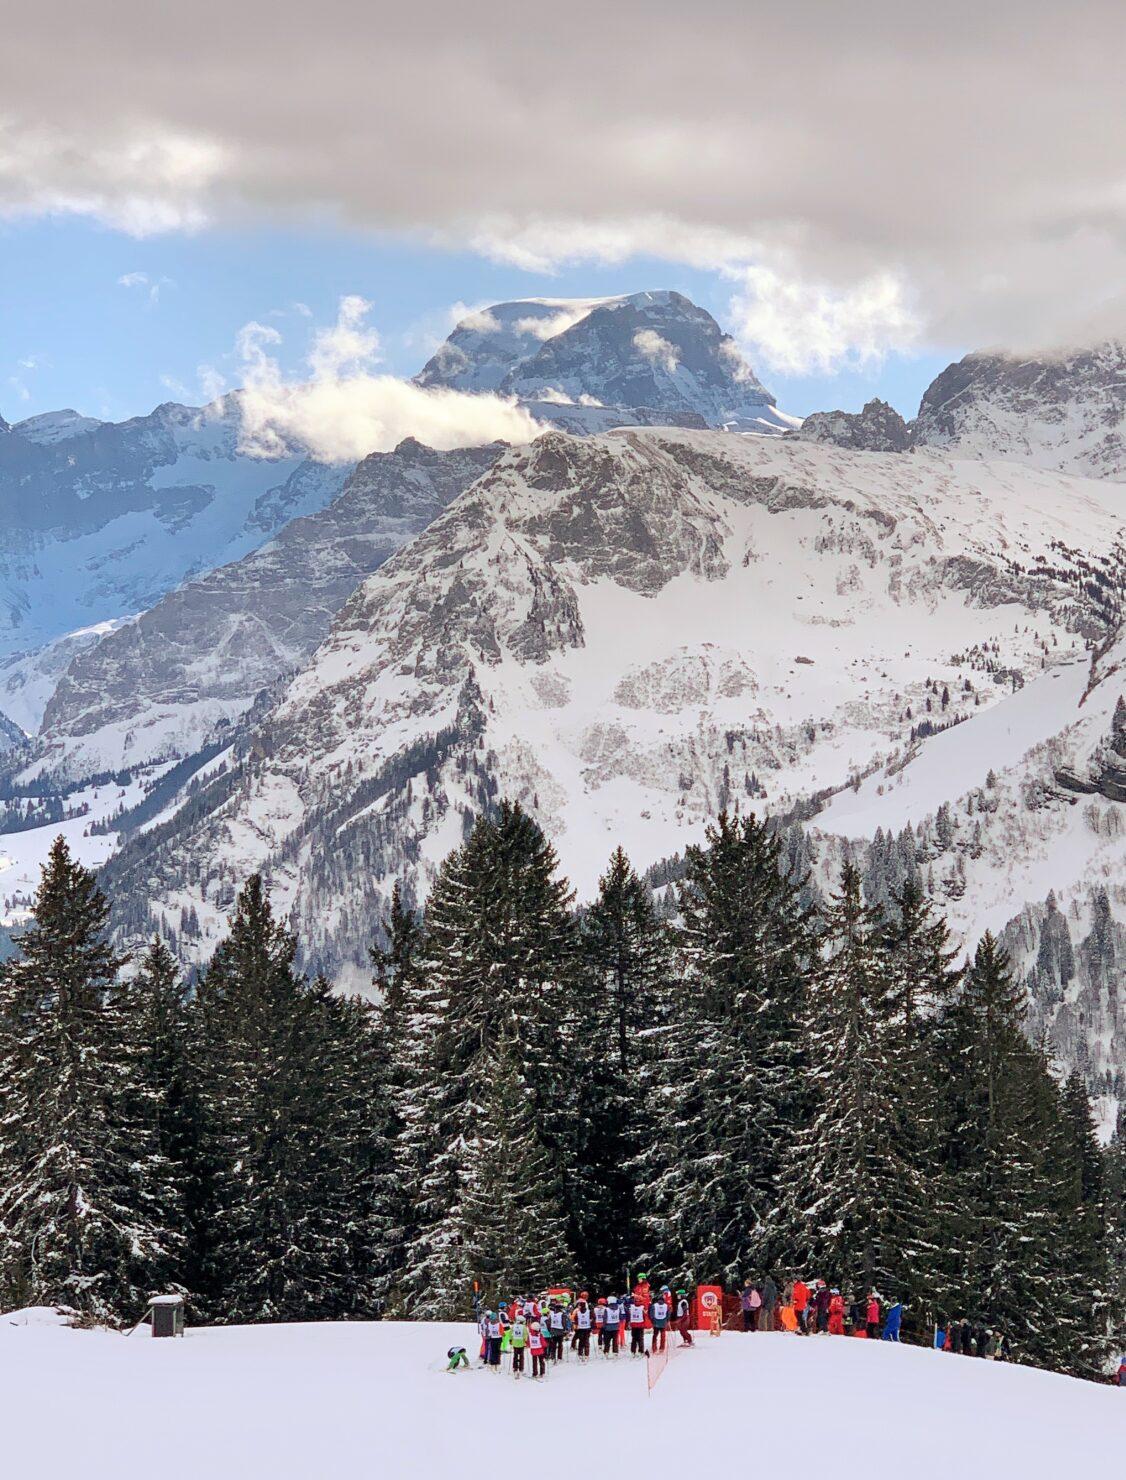 Das Highlight nach einer Woche Skischule: Das Abschlussrennen der Schneesportschule Braunwald